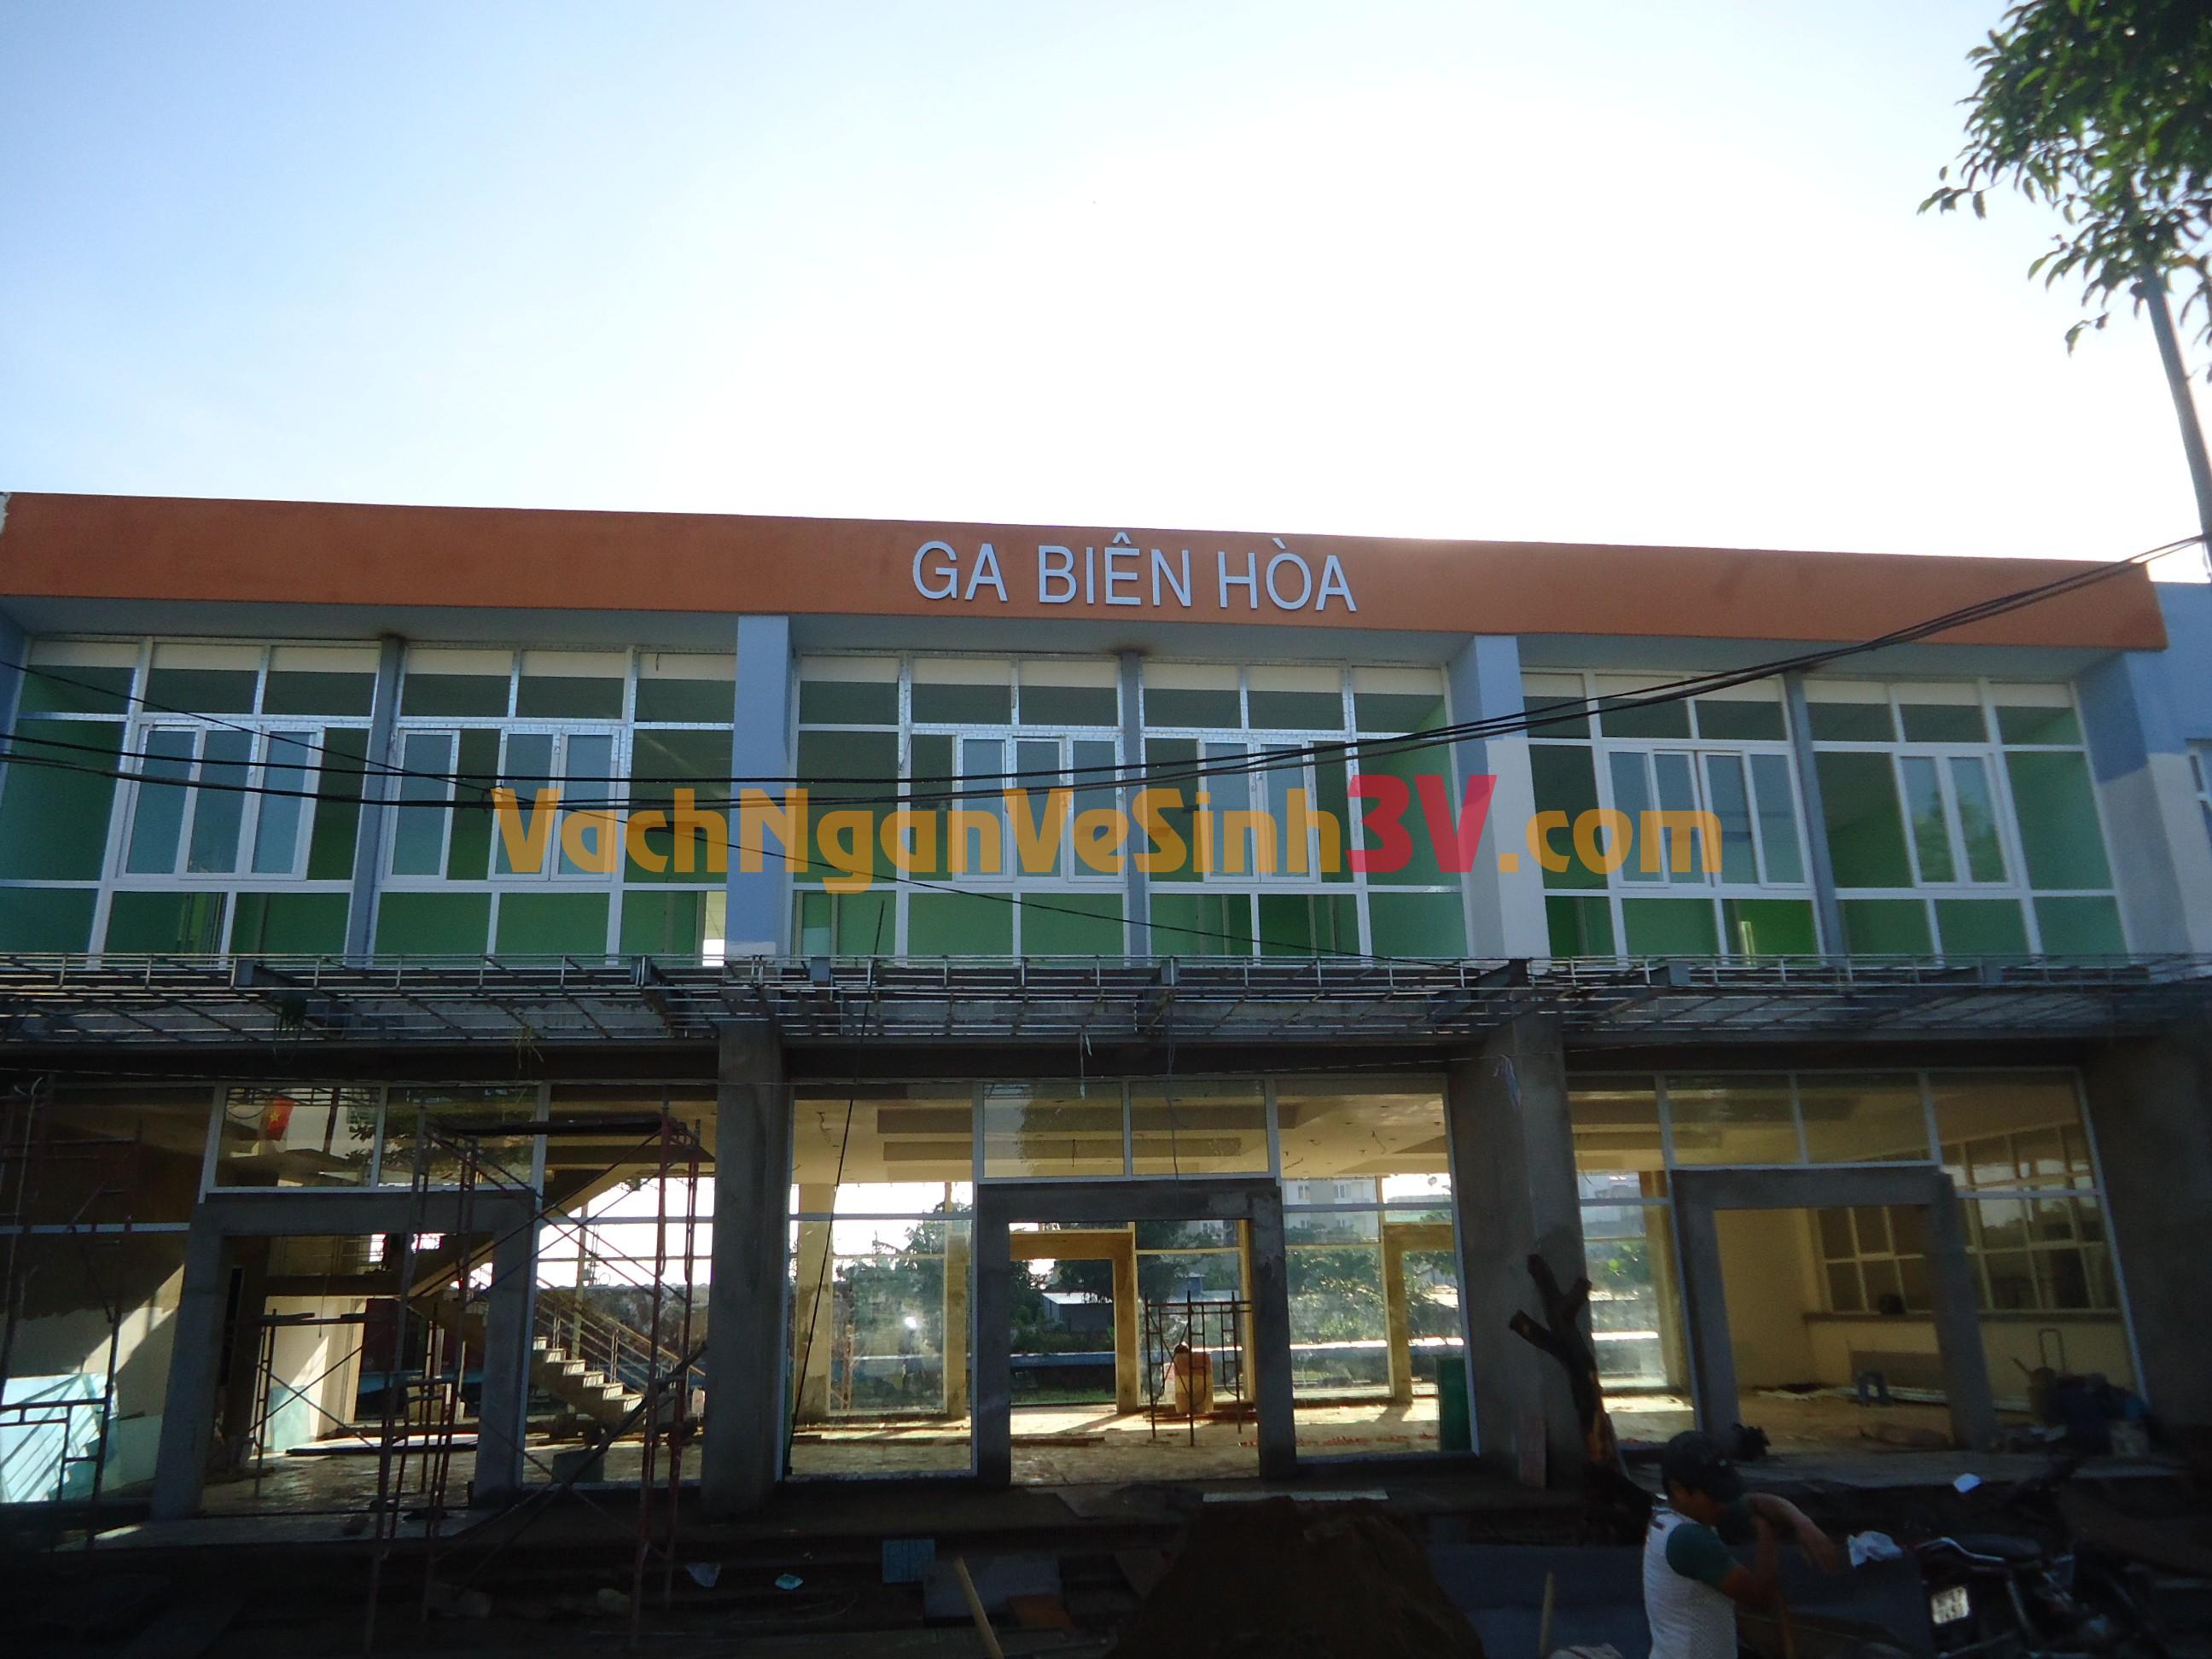 3V GROUP Thi công vách ngăn vệ sinh tại Nhà Ga – Biên Hòa – Đồng Nai